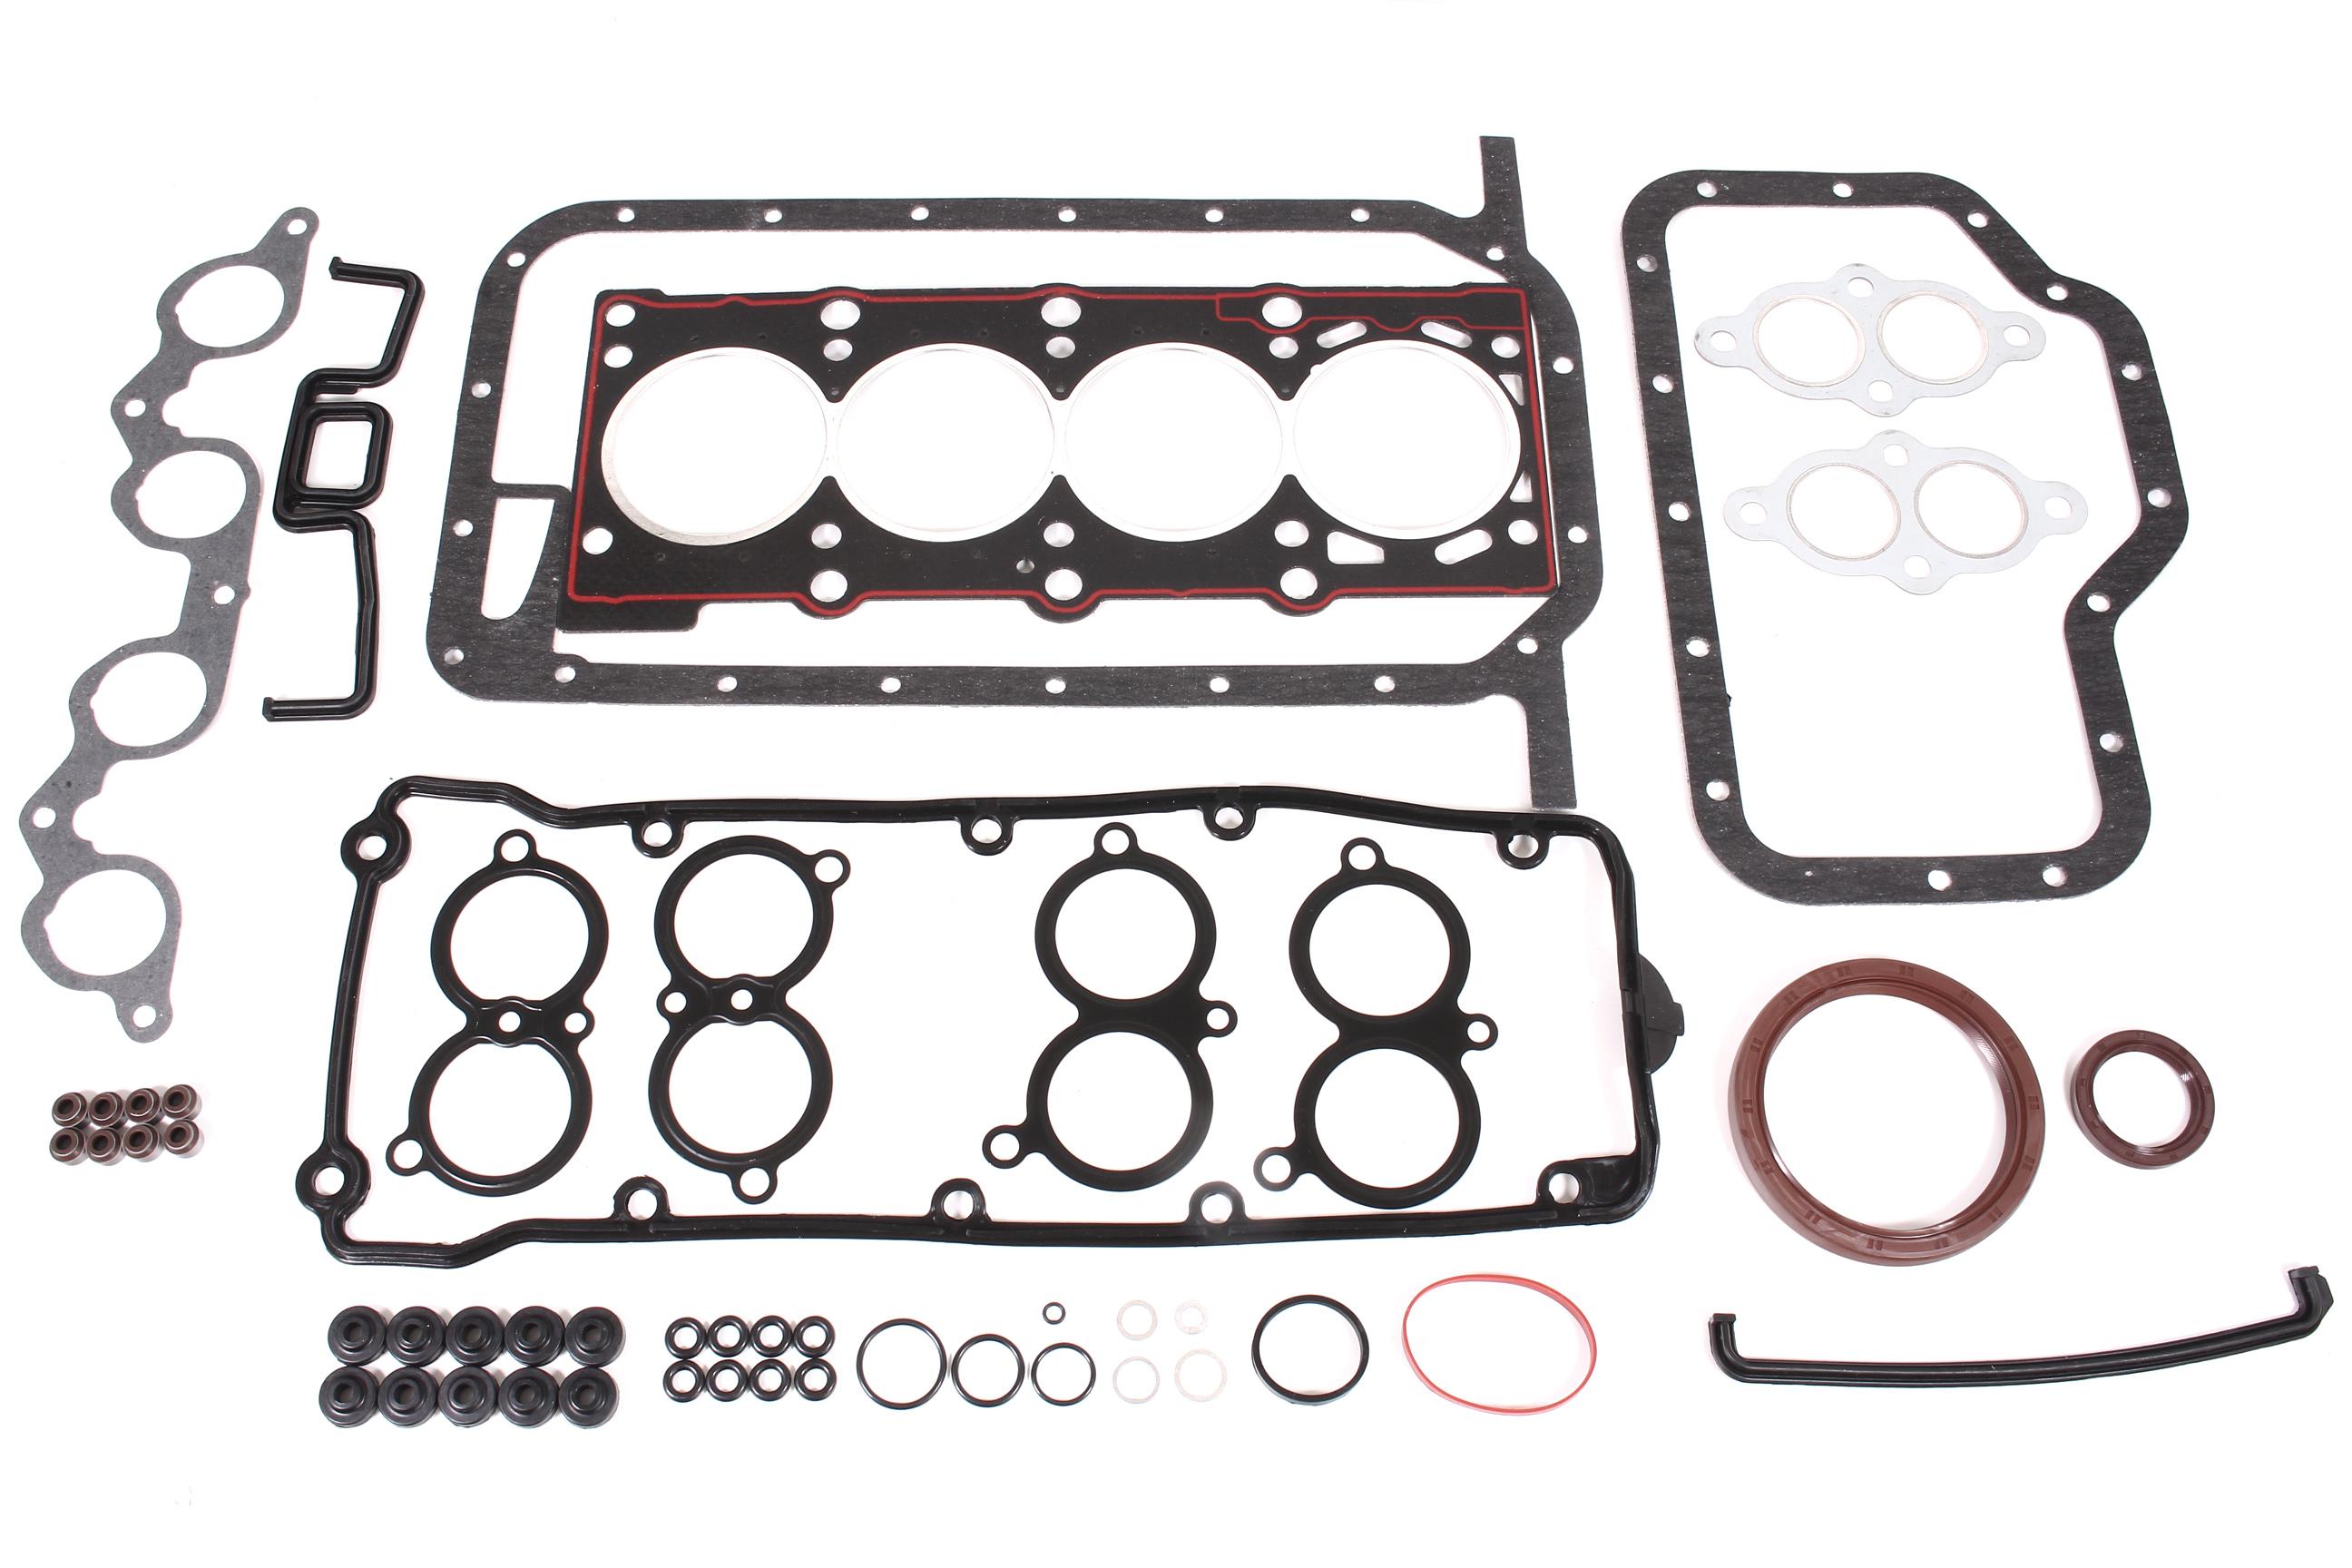 Dichtungssatz Zylinderkopfdichtung BMW E36 316i 318i 1,6 Benzin M43B16 NEU